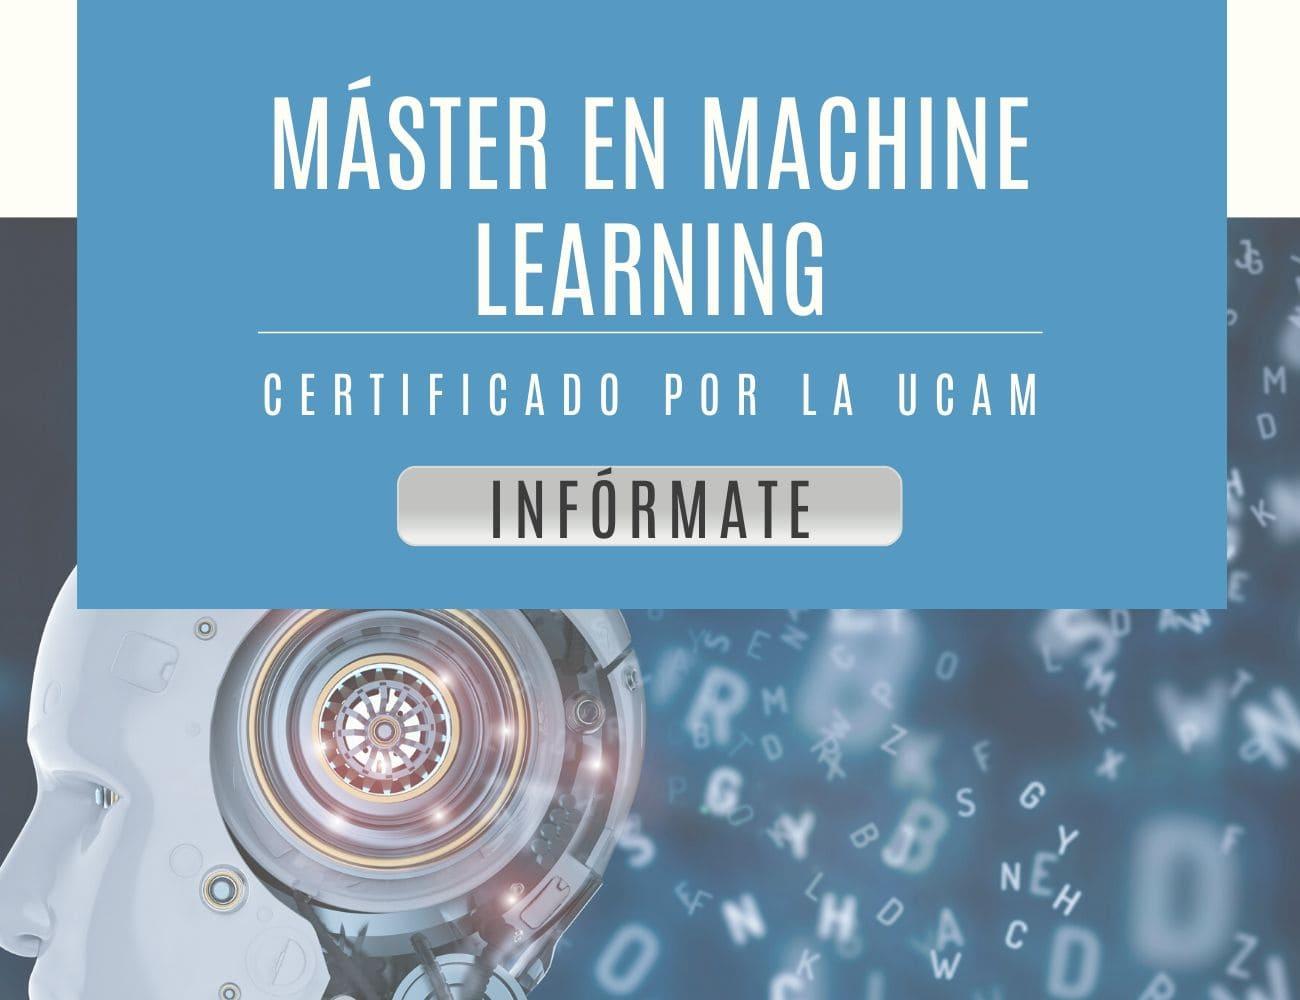 MaterMachineLearning